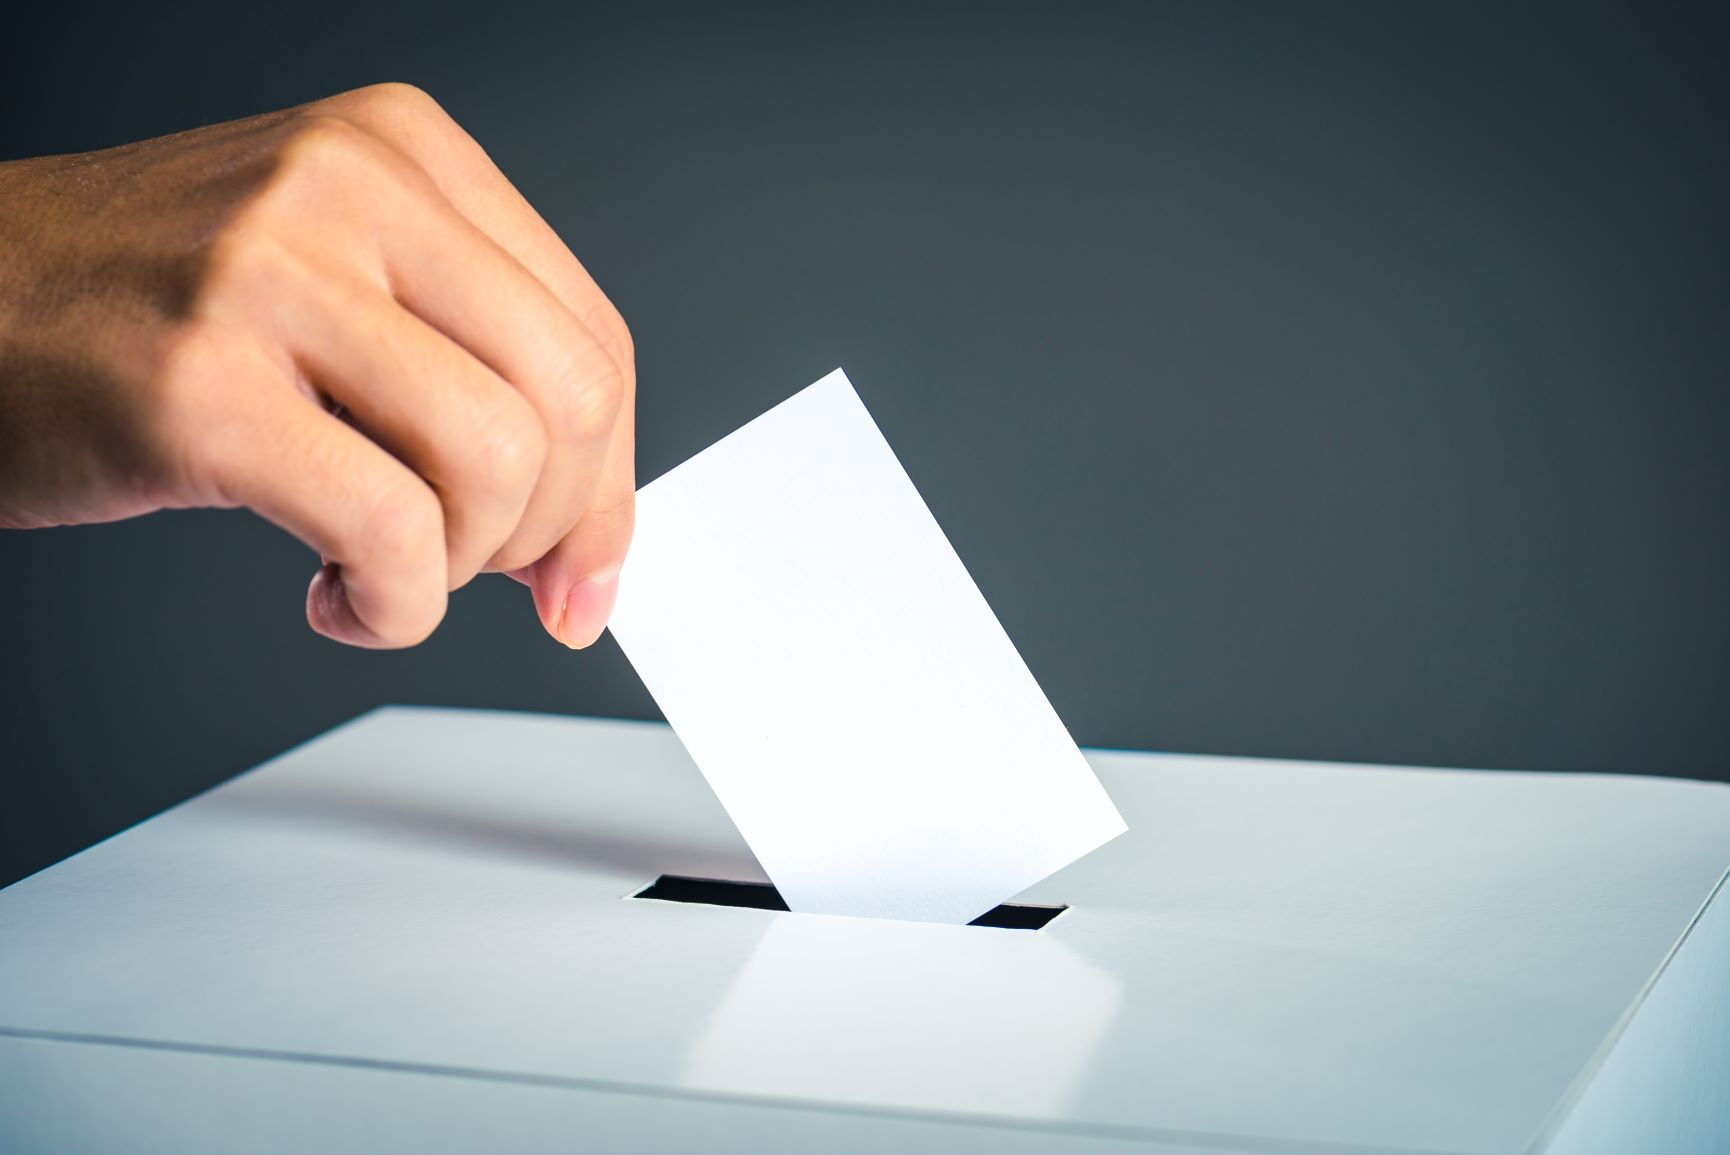 urne_-_vote_-_elections1.jpeg